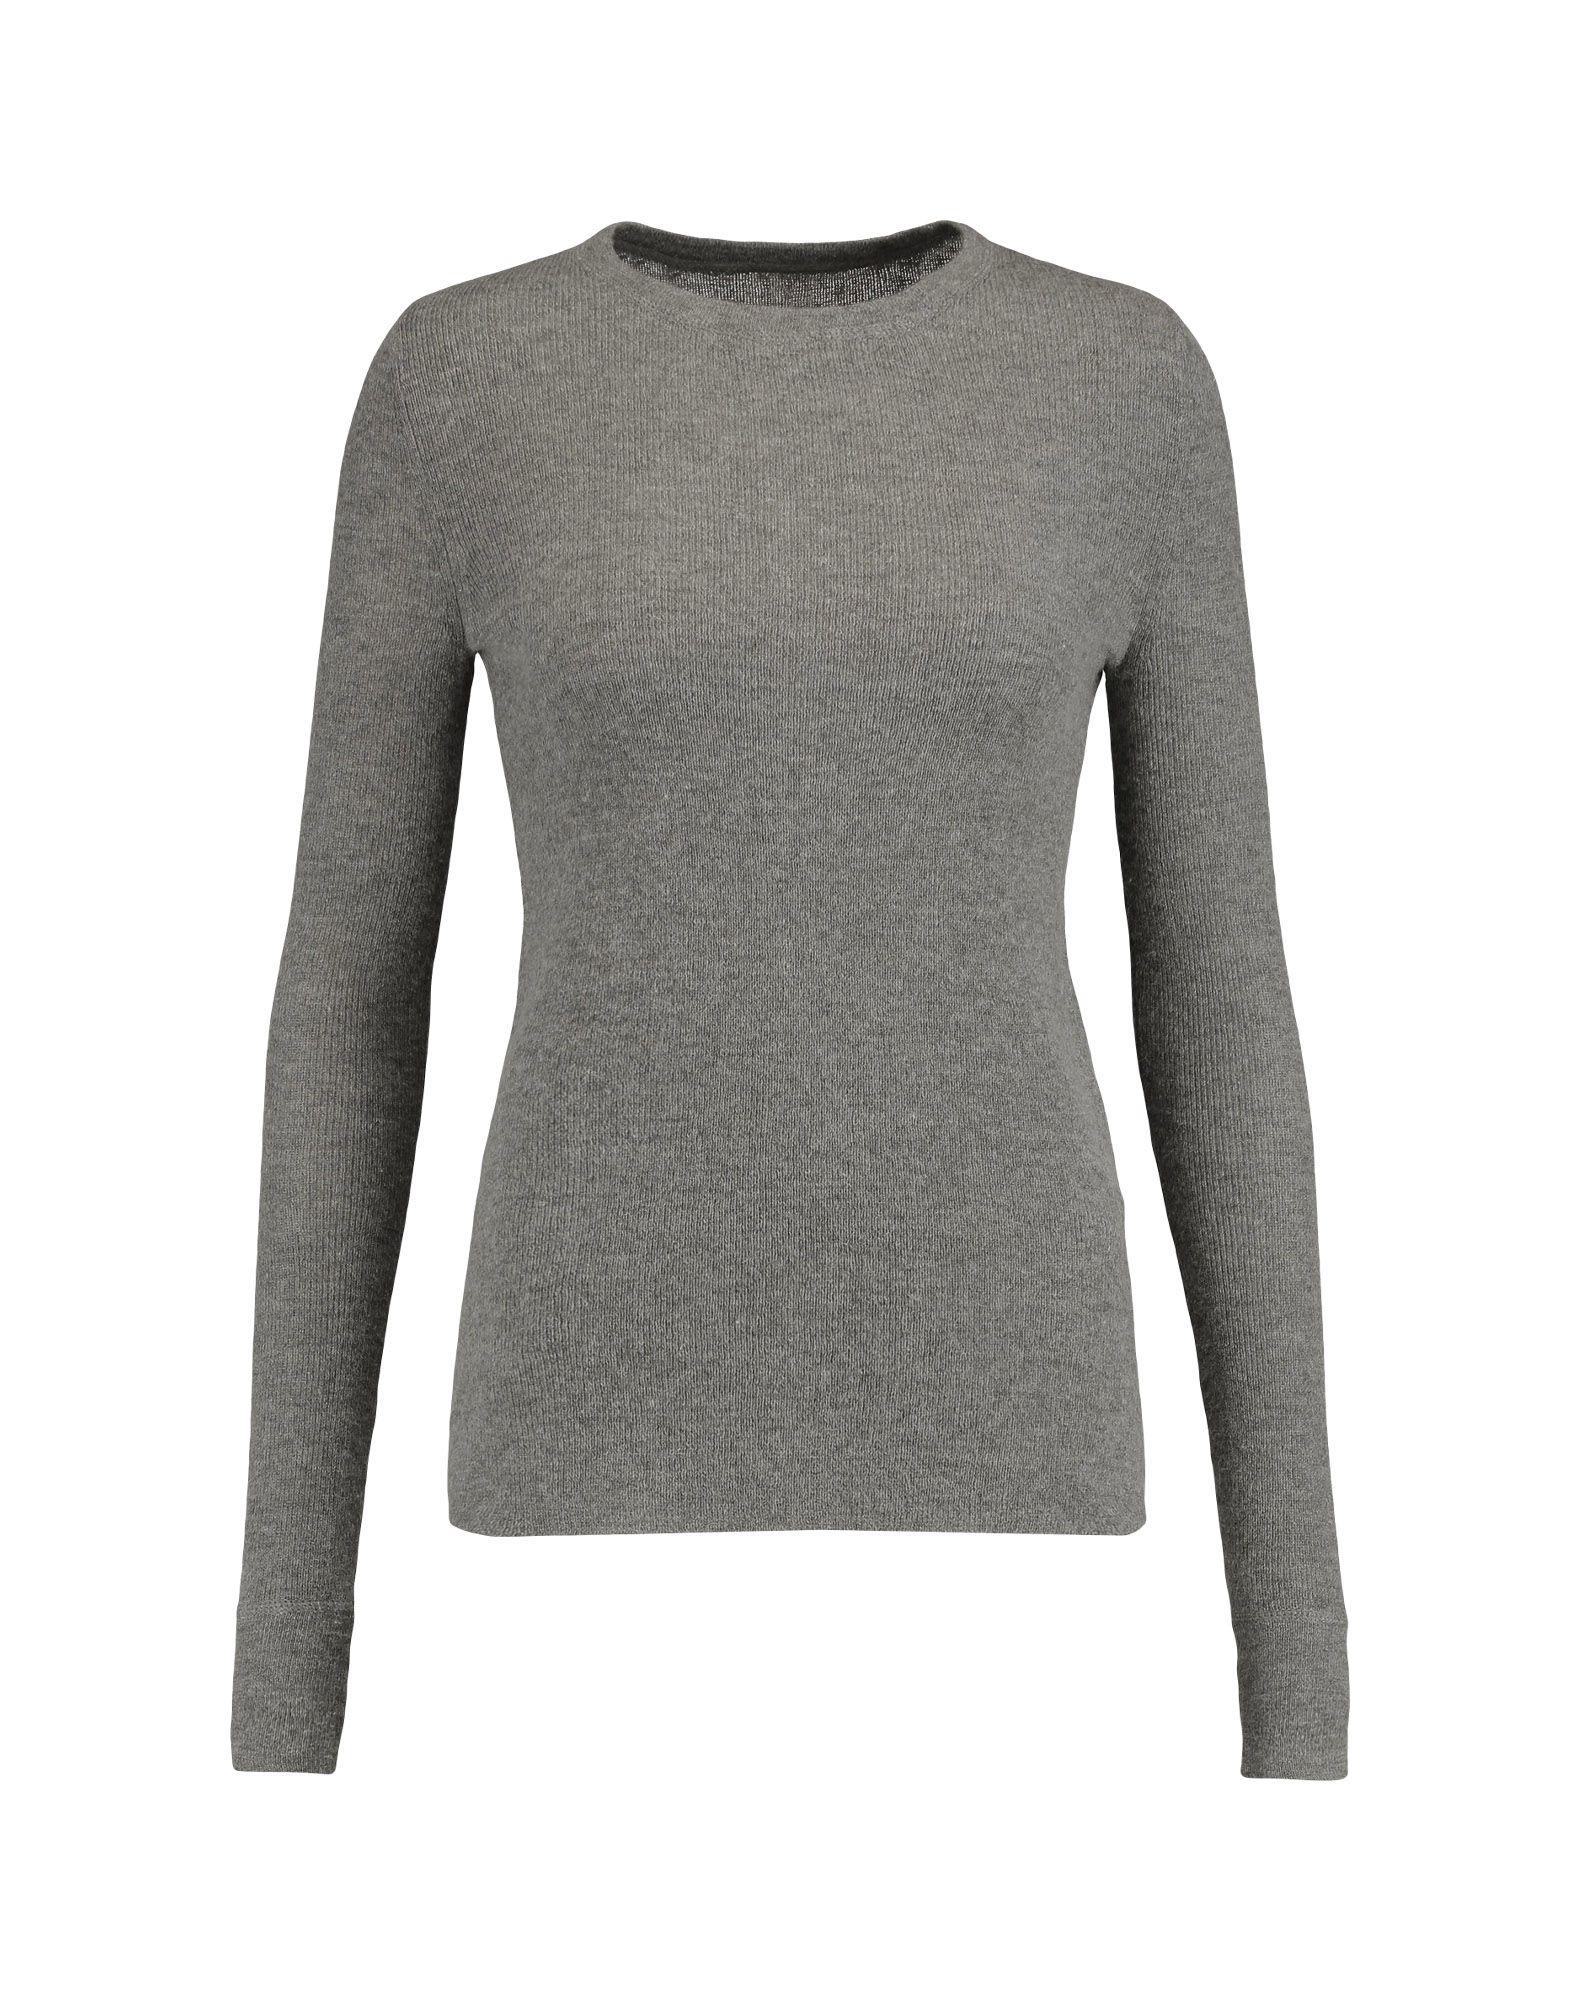 SOYER Sweater in Grey